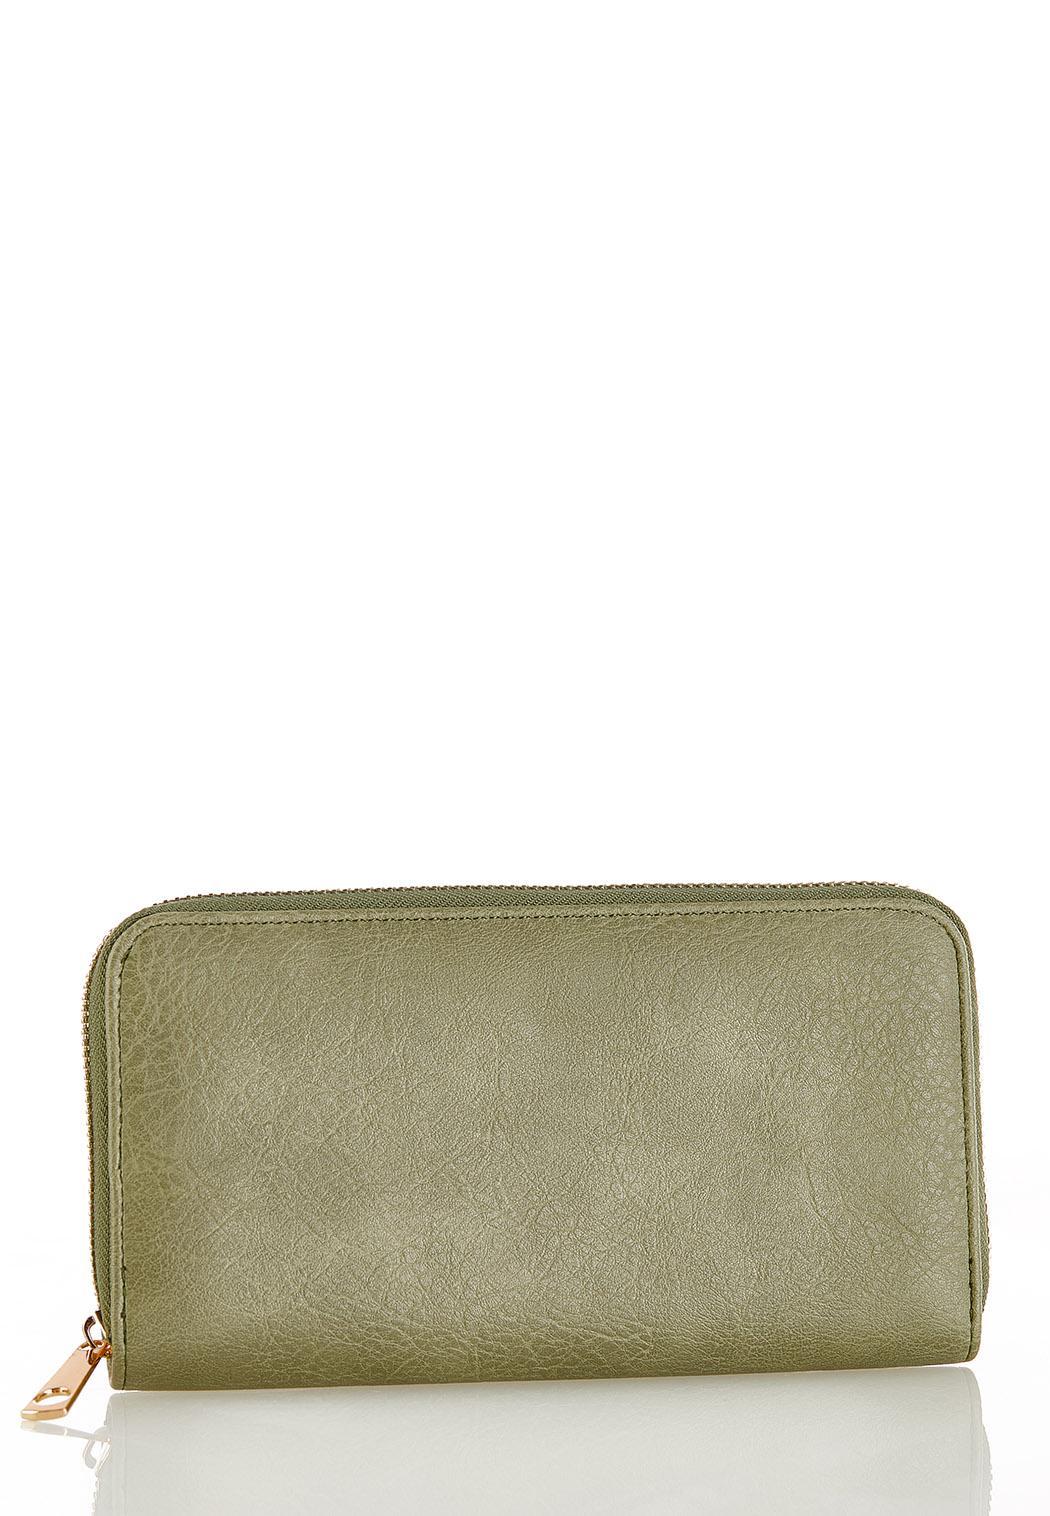 Green Zip Around Wallet